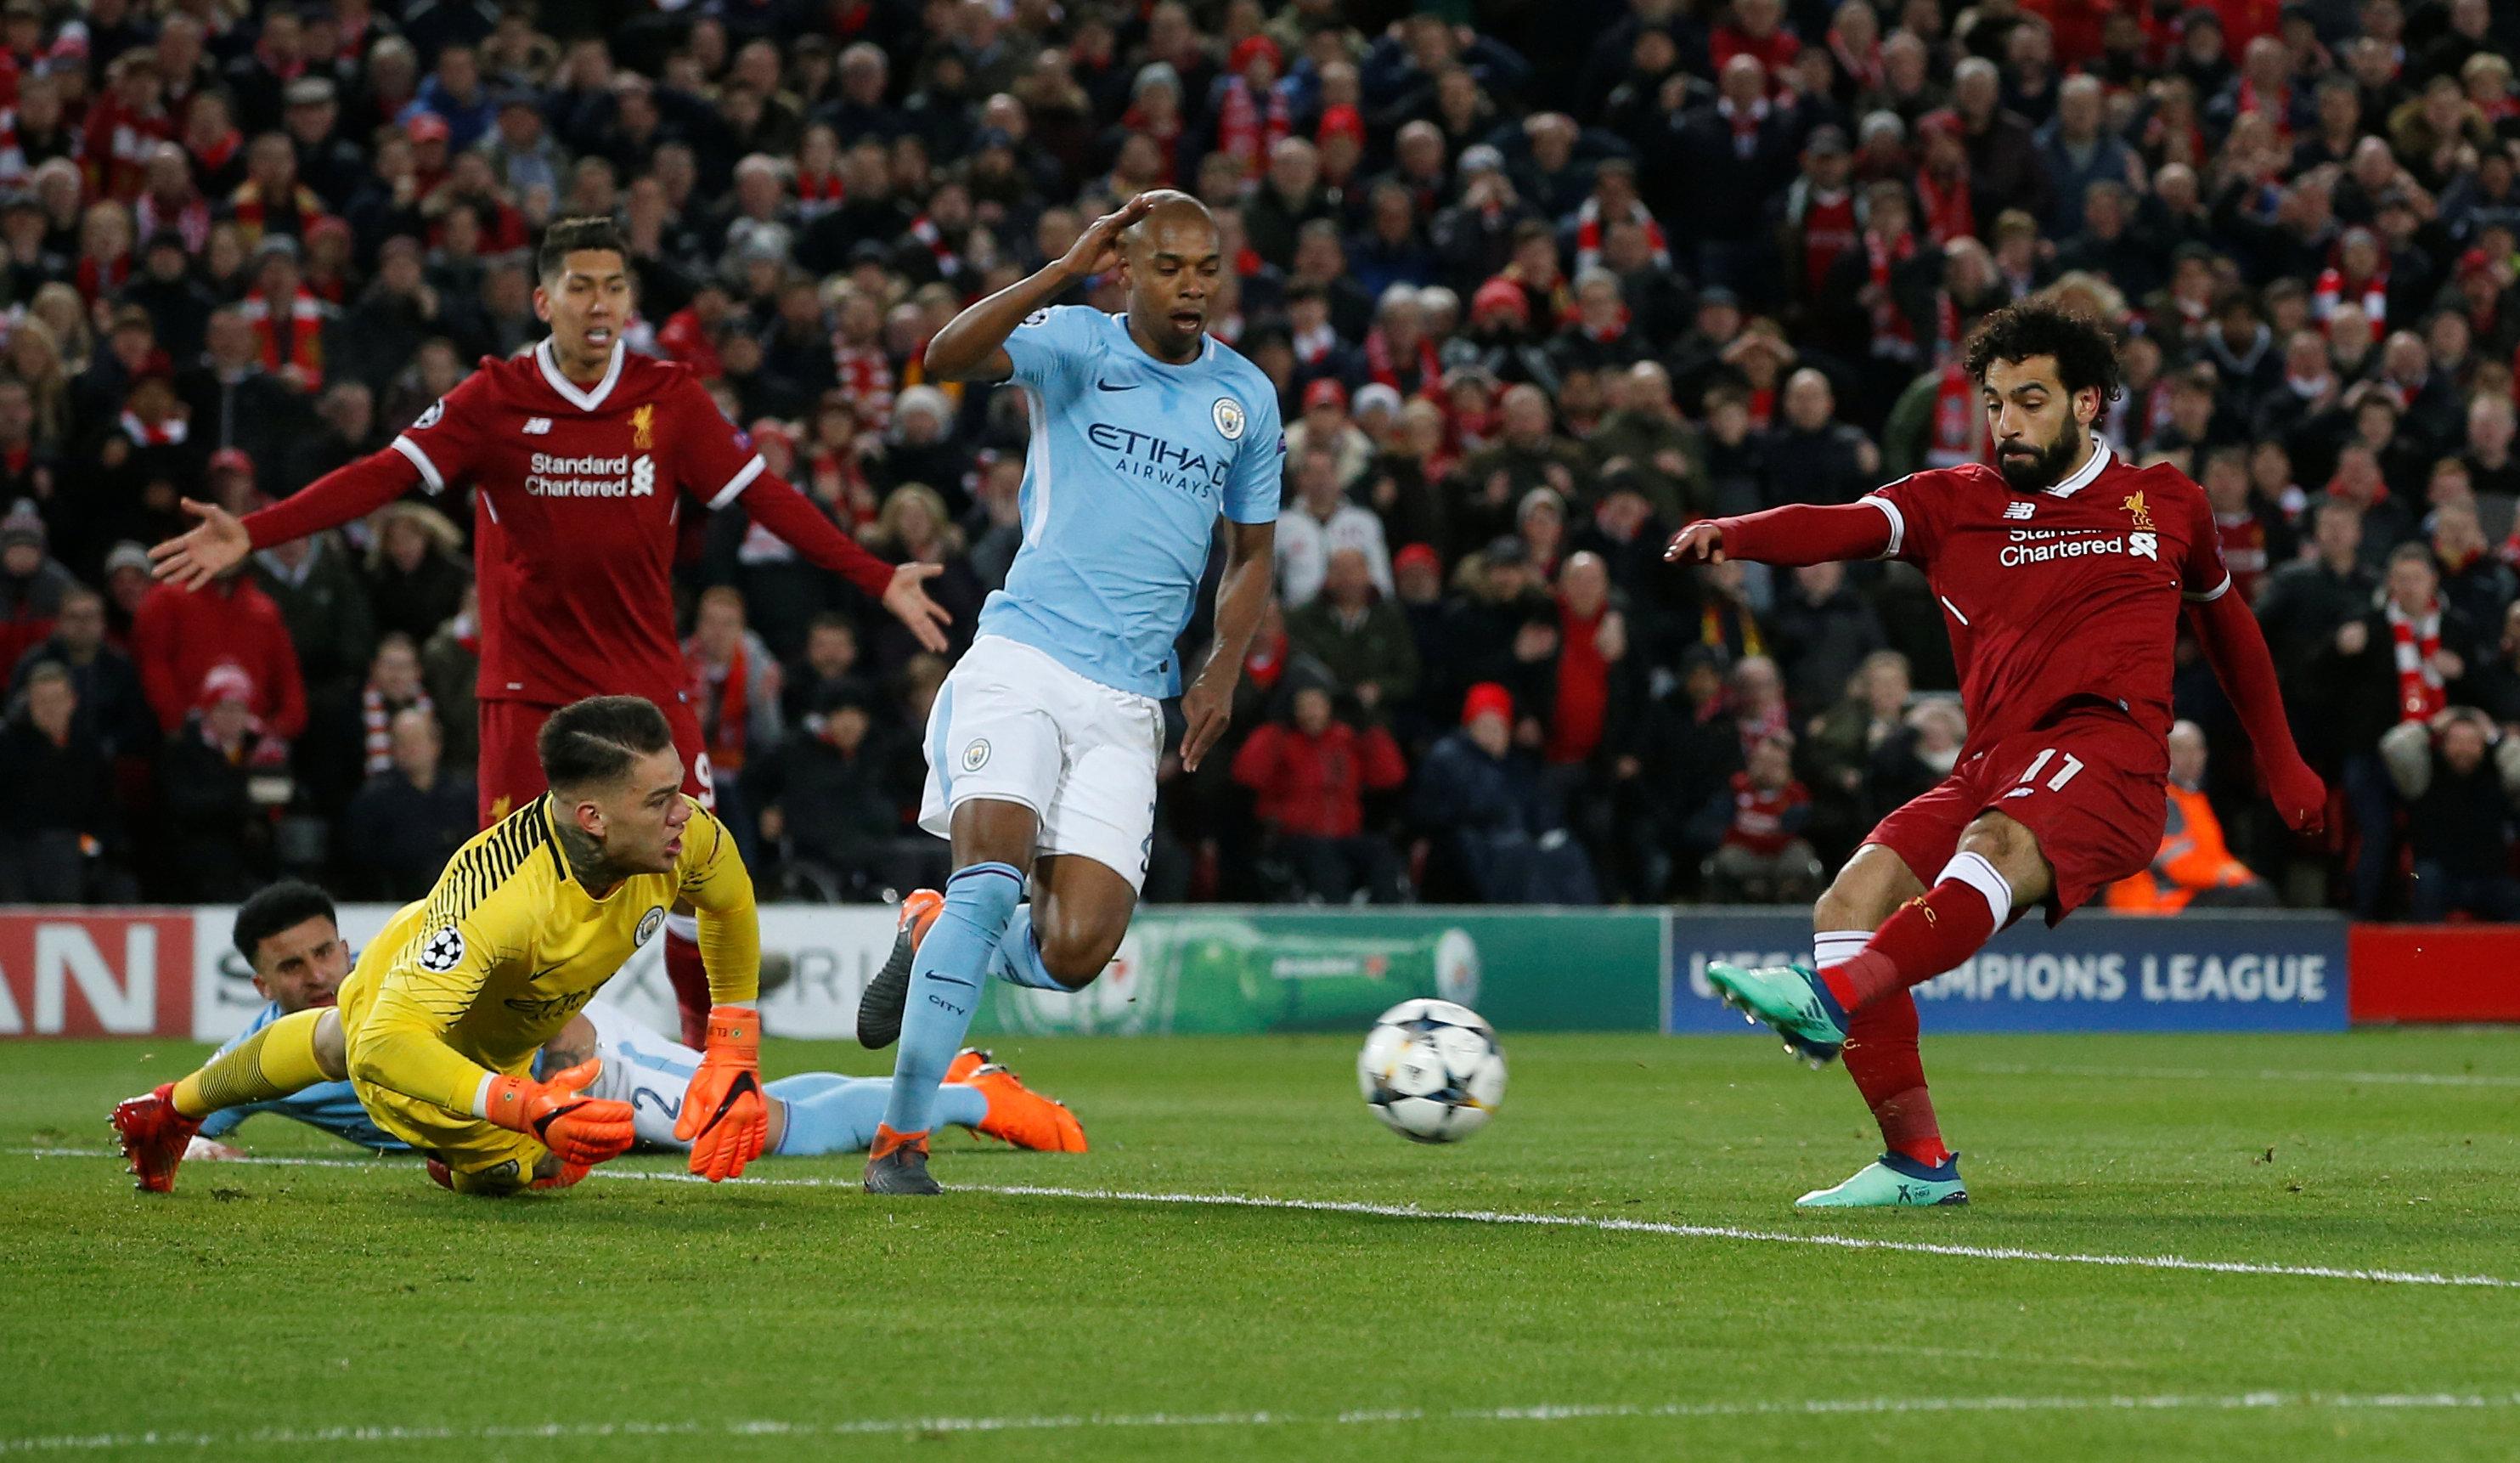 Pha dứt điểm mở tỉ số cho Liverpool của Salah. Ảnh: REUTERS